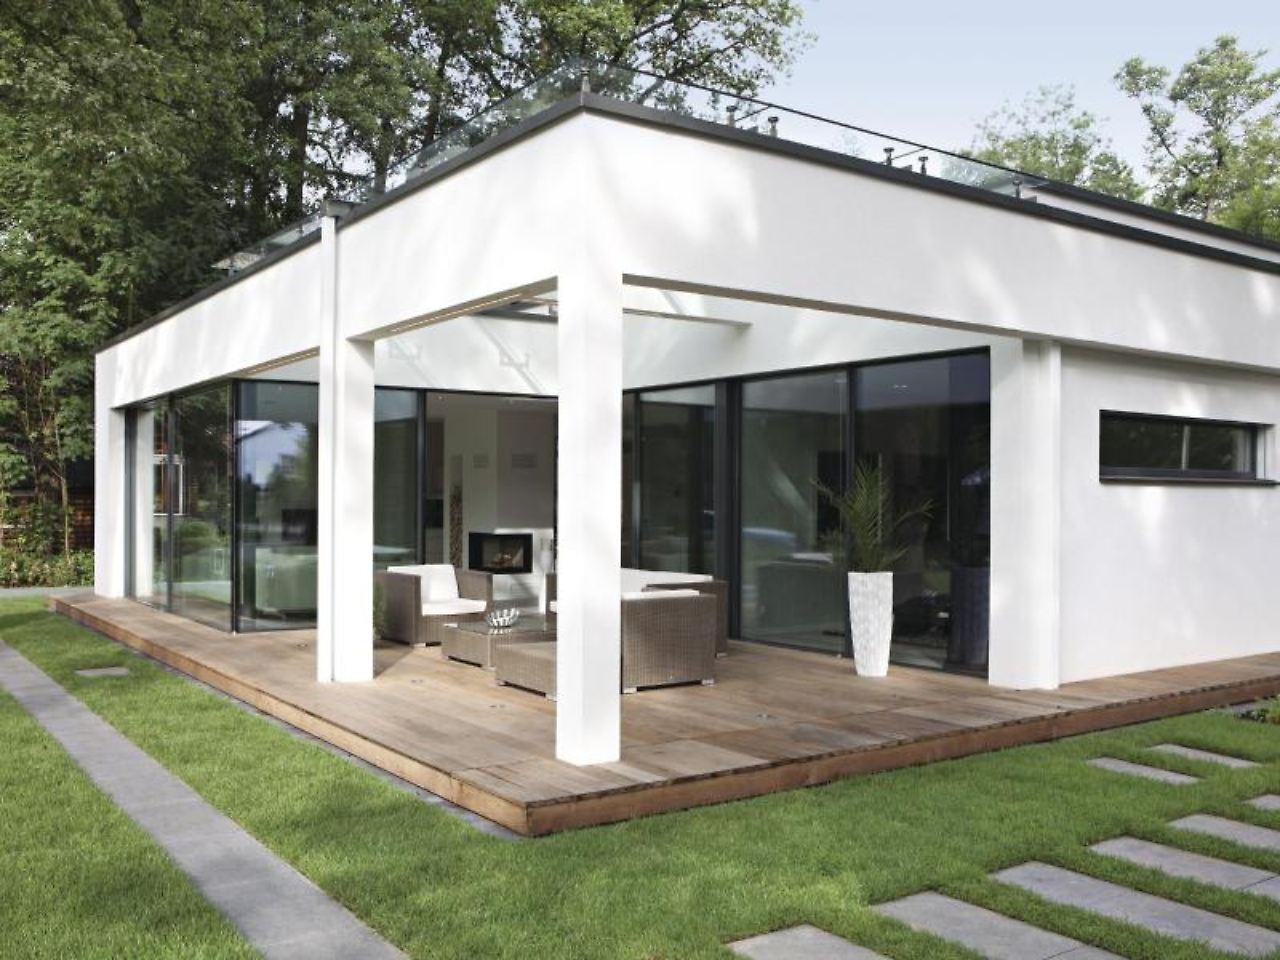 gro z gig wohnen auf einer ebene comeback des bungalows. Black Bedroom Furniture Sets. Home Design Ideas